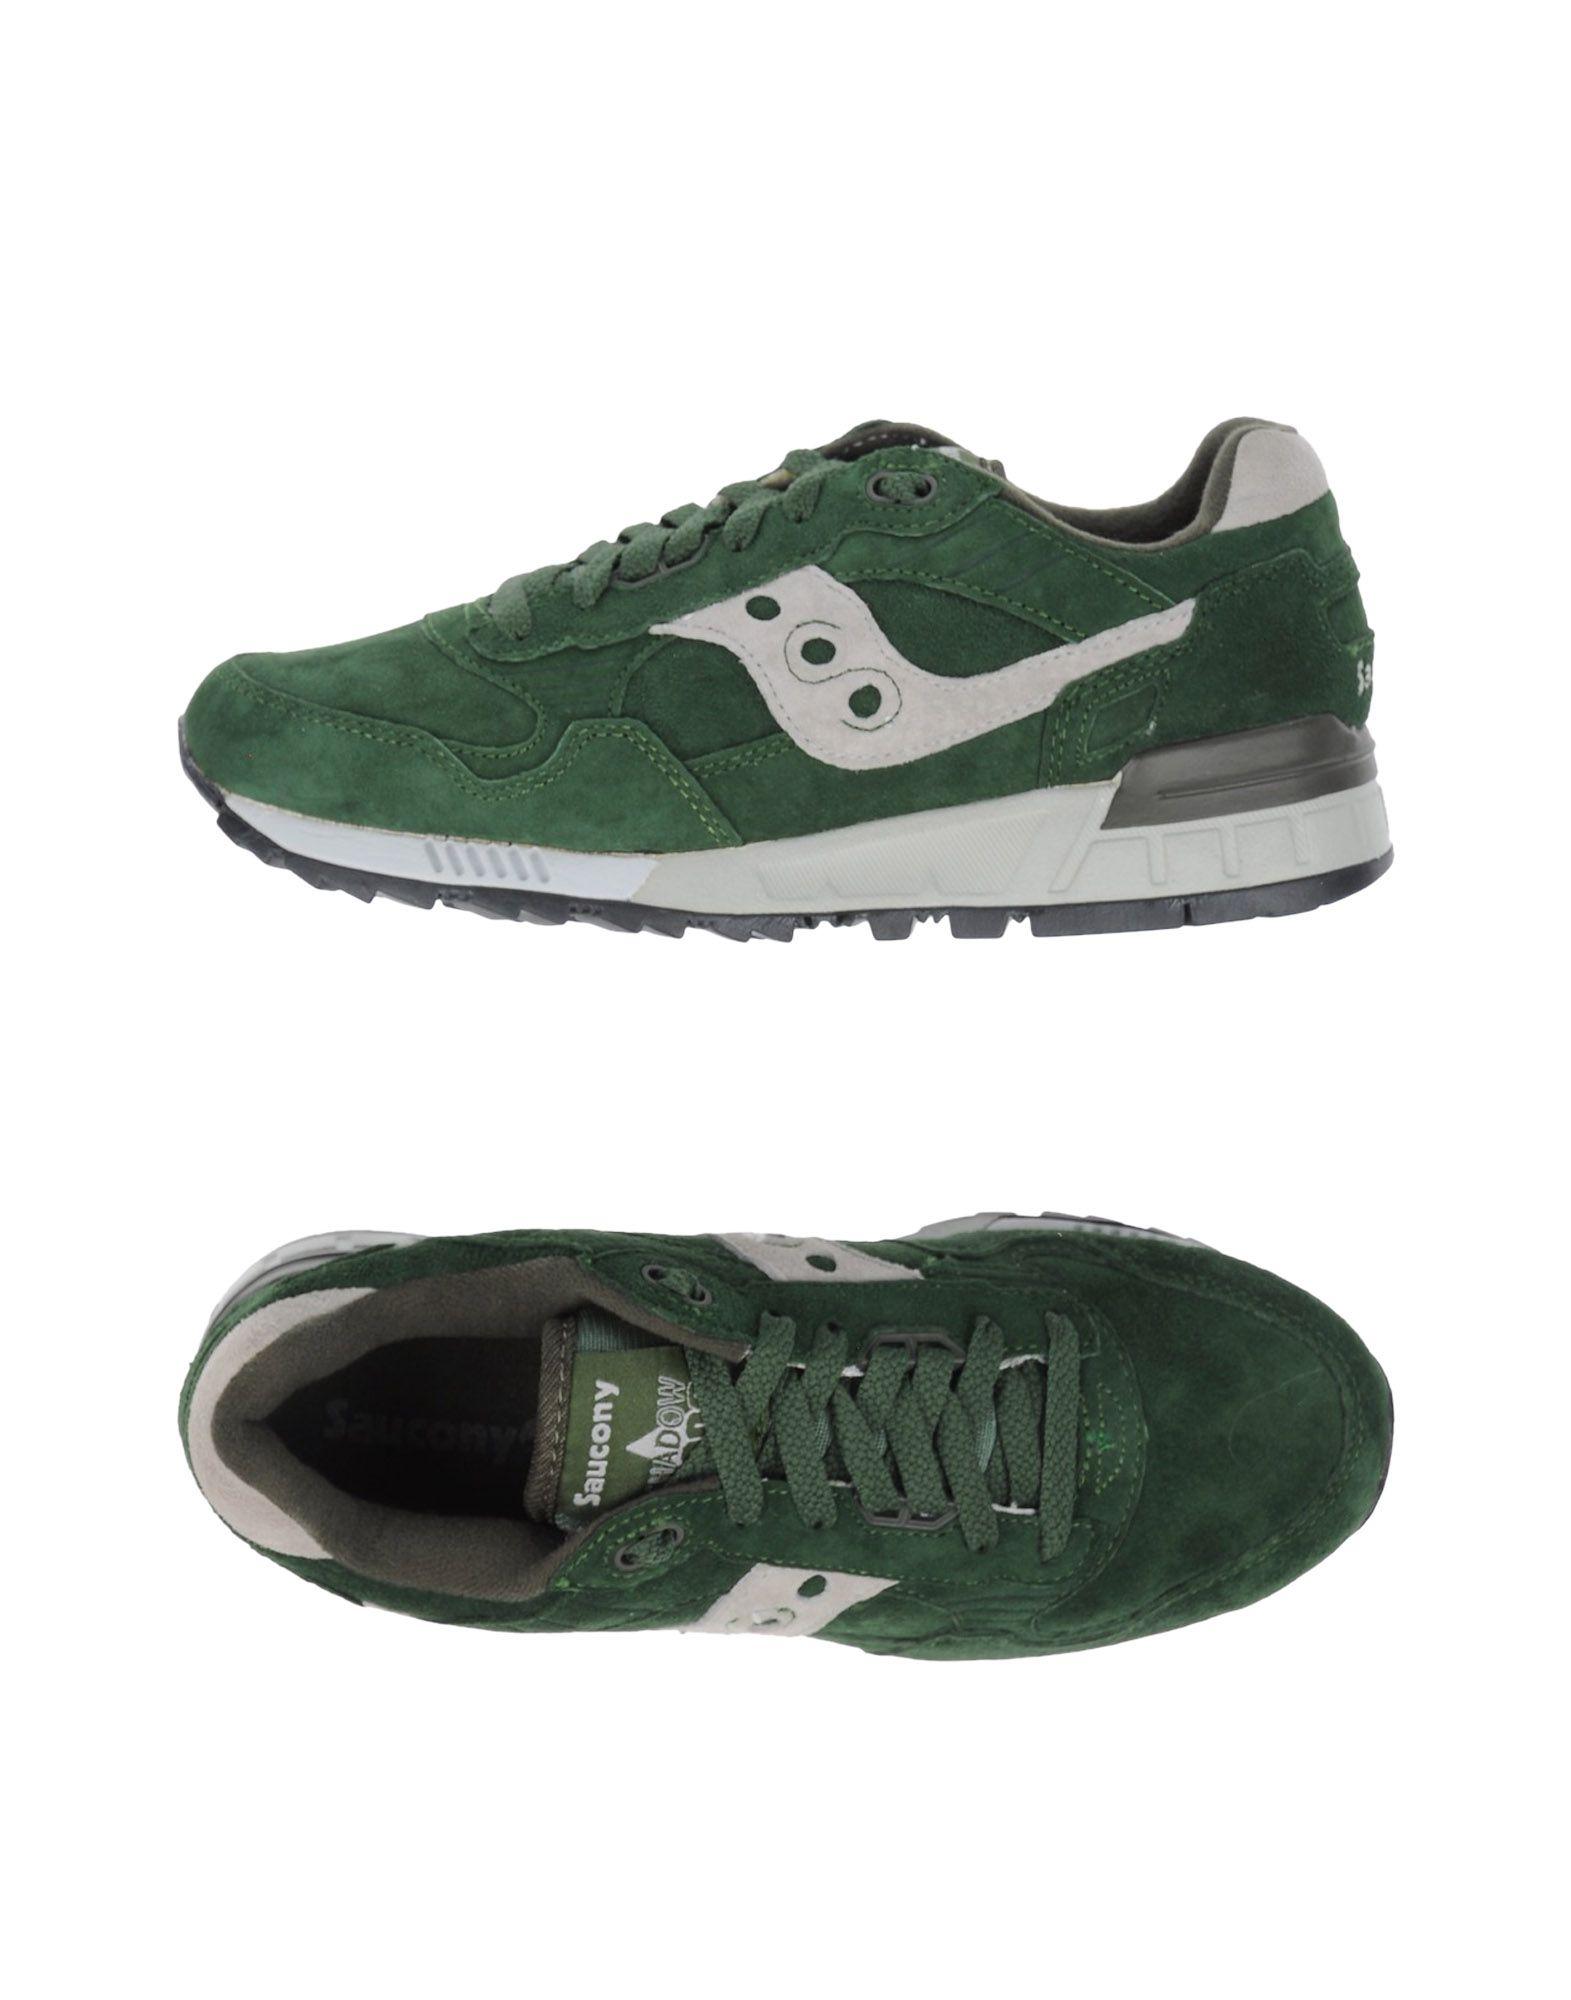 Rabatt Schuhe echte Schuhe Rabatt Saucony Sneakers Herren  11266996CA 74f0d8